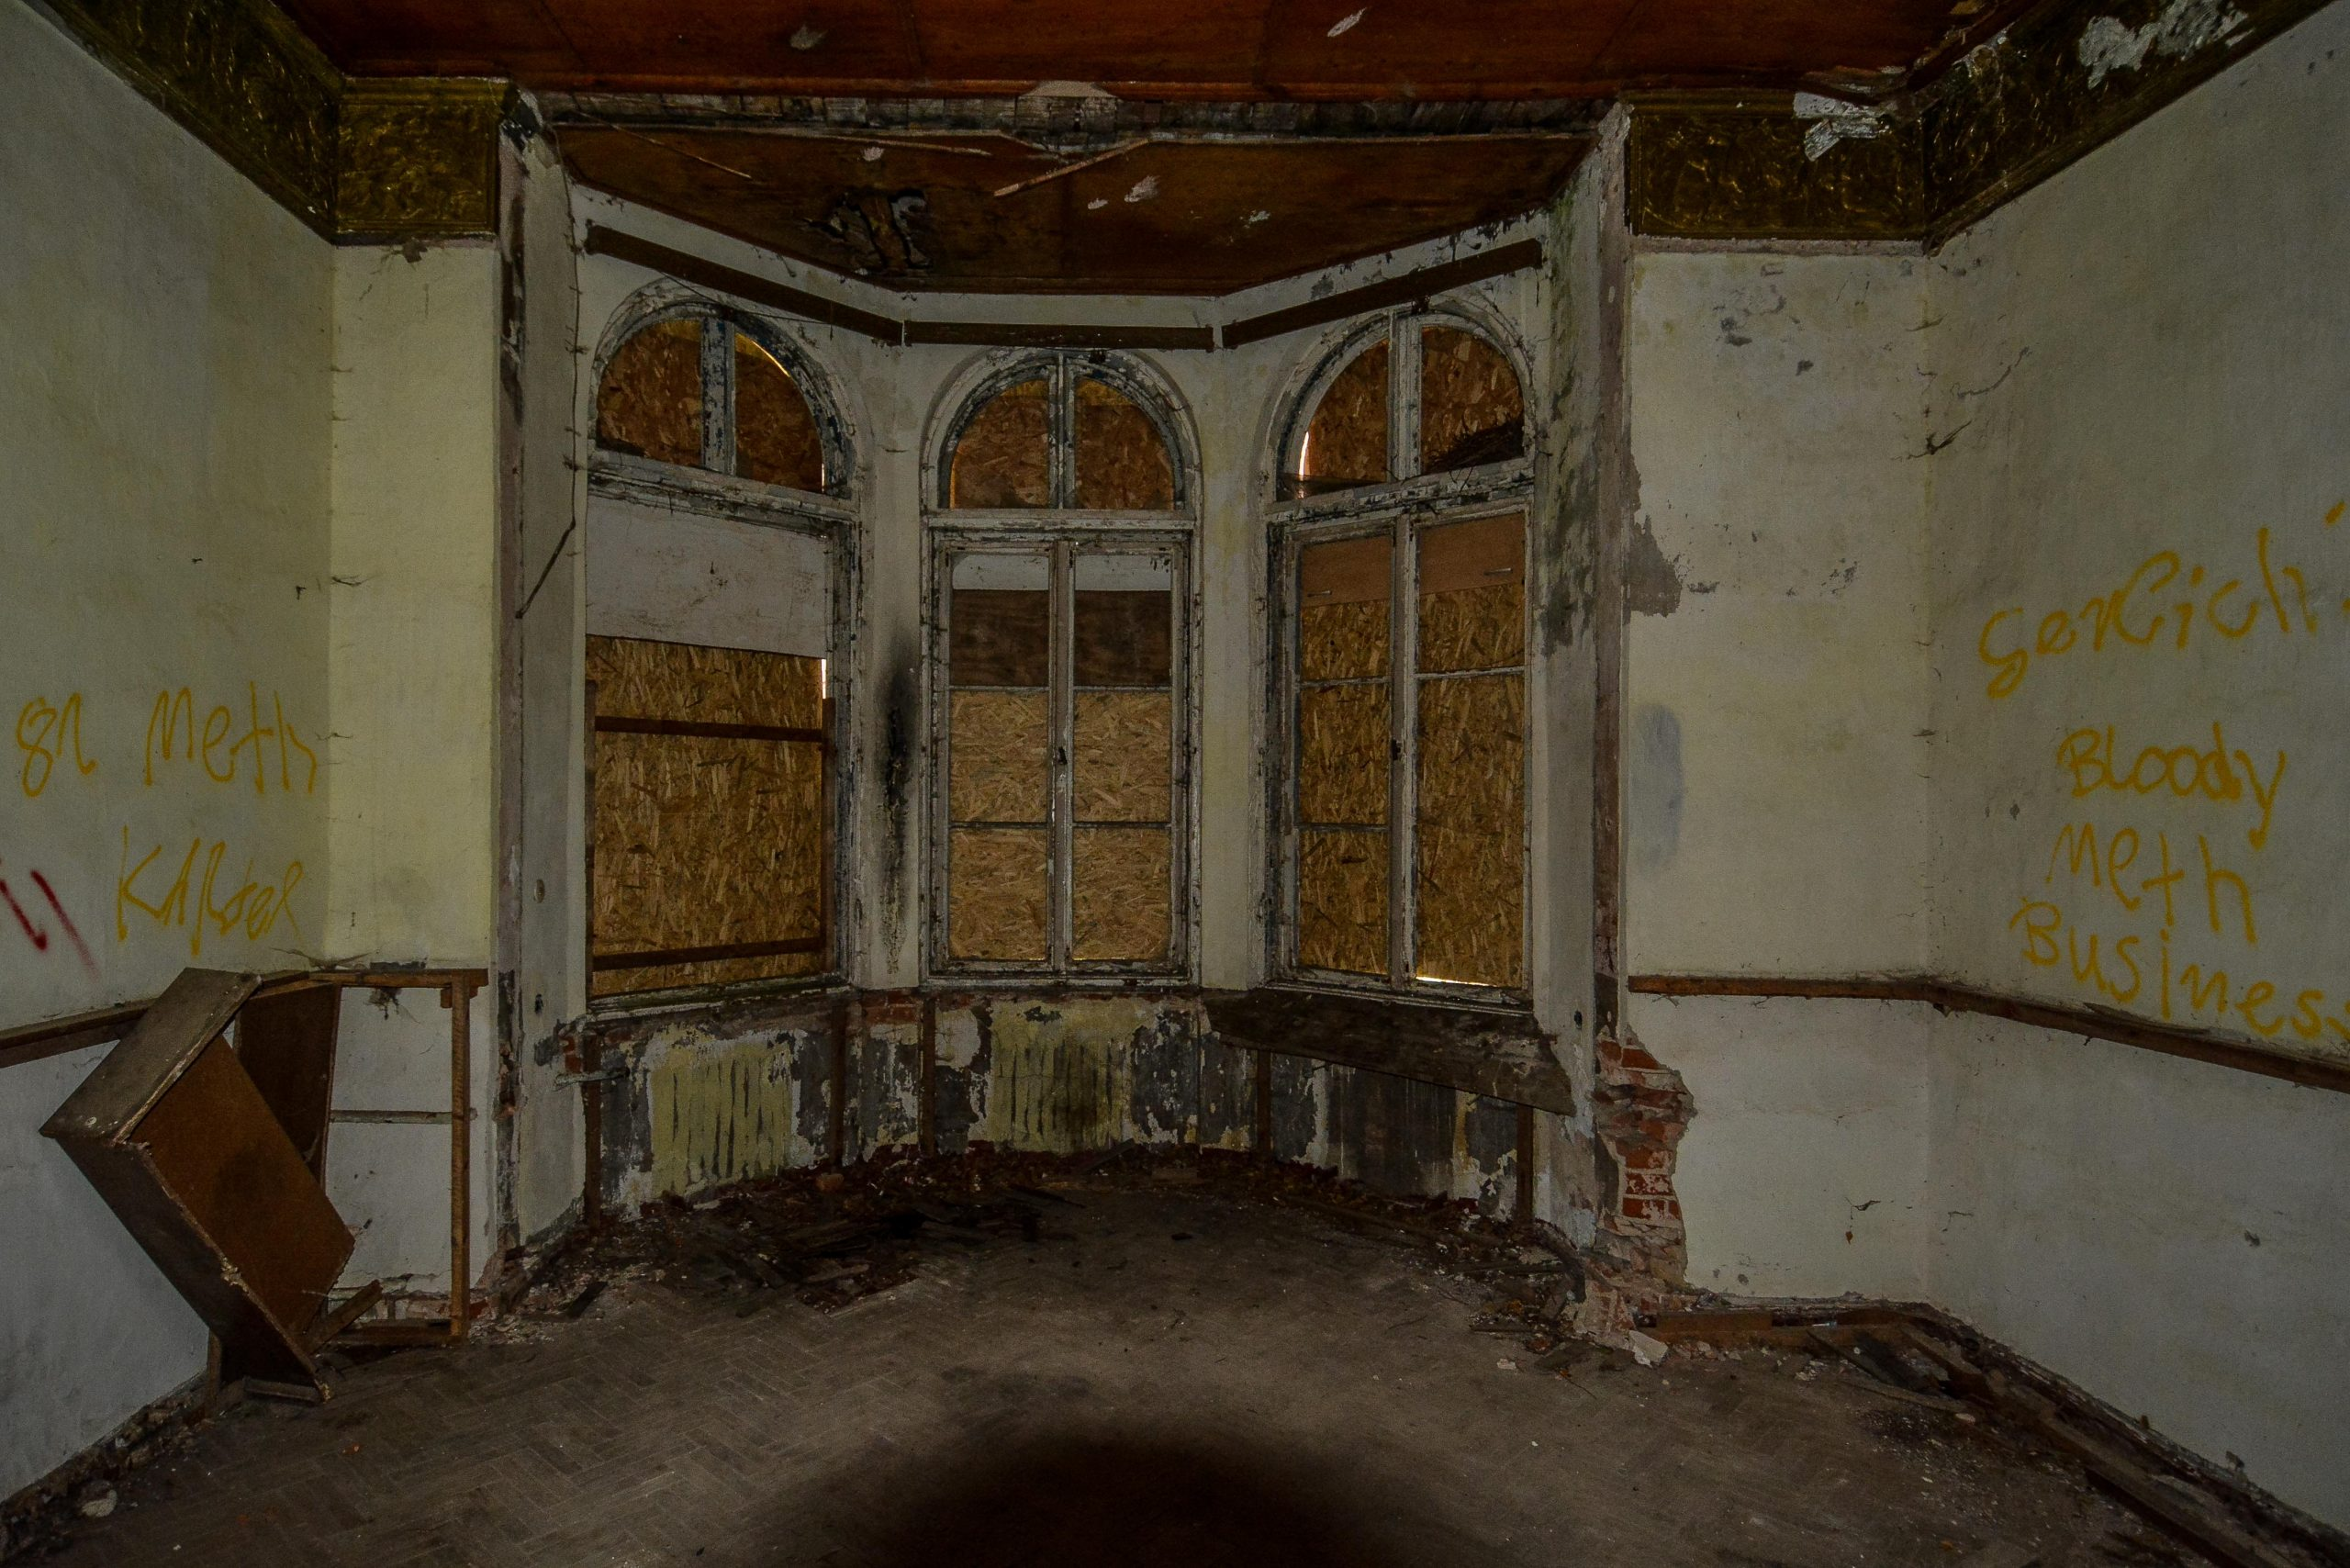 innen fenster raum architektur historischer orientalismus herrenhaus gentzrode lost places brandenburg neuruppin gut gentzrode ost deutschland urbex abandoned